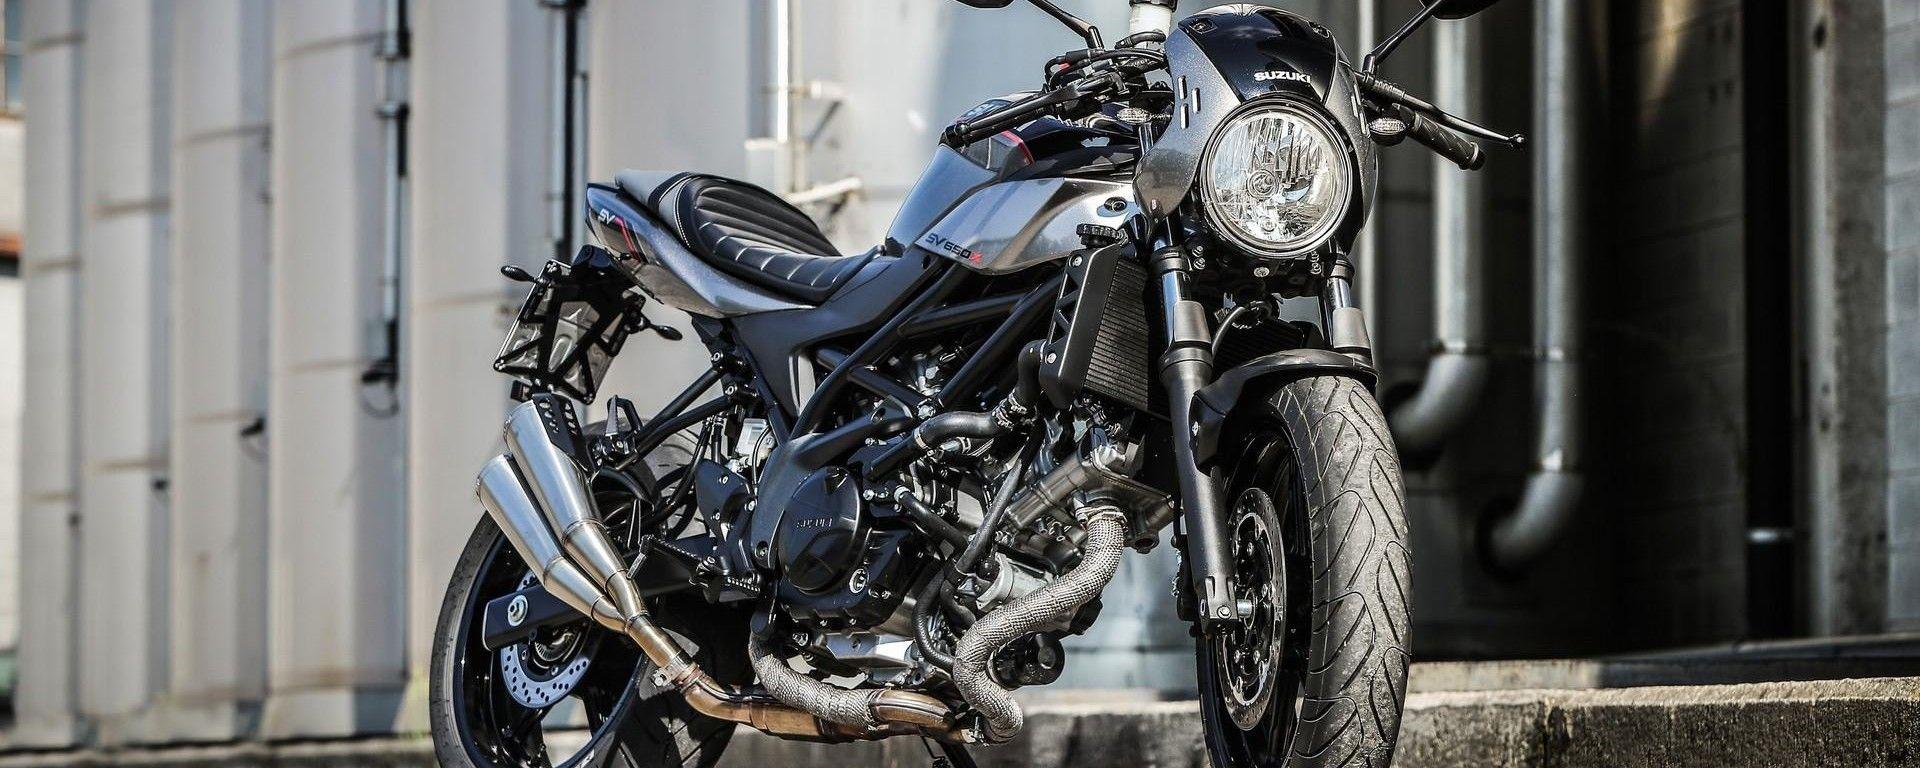 Suzuki SV650X vince l'Autotrader best bike awards 2018